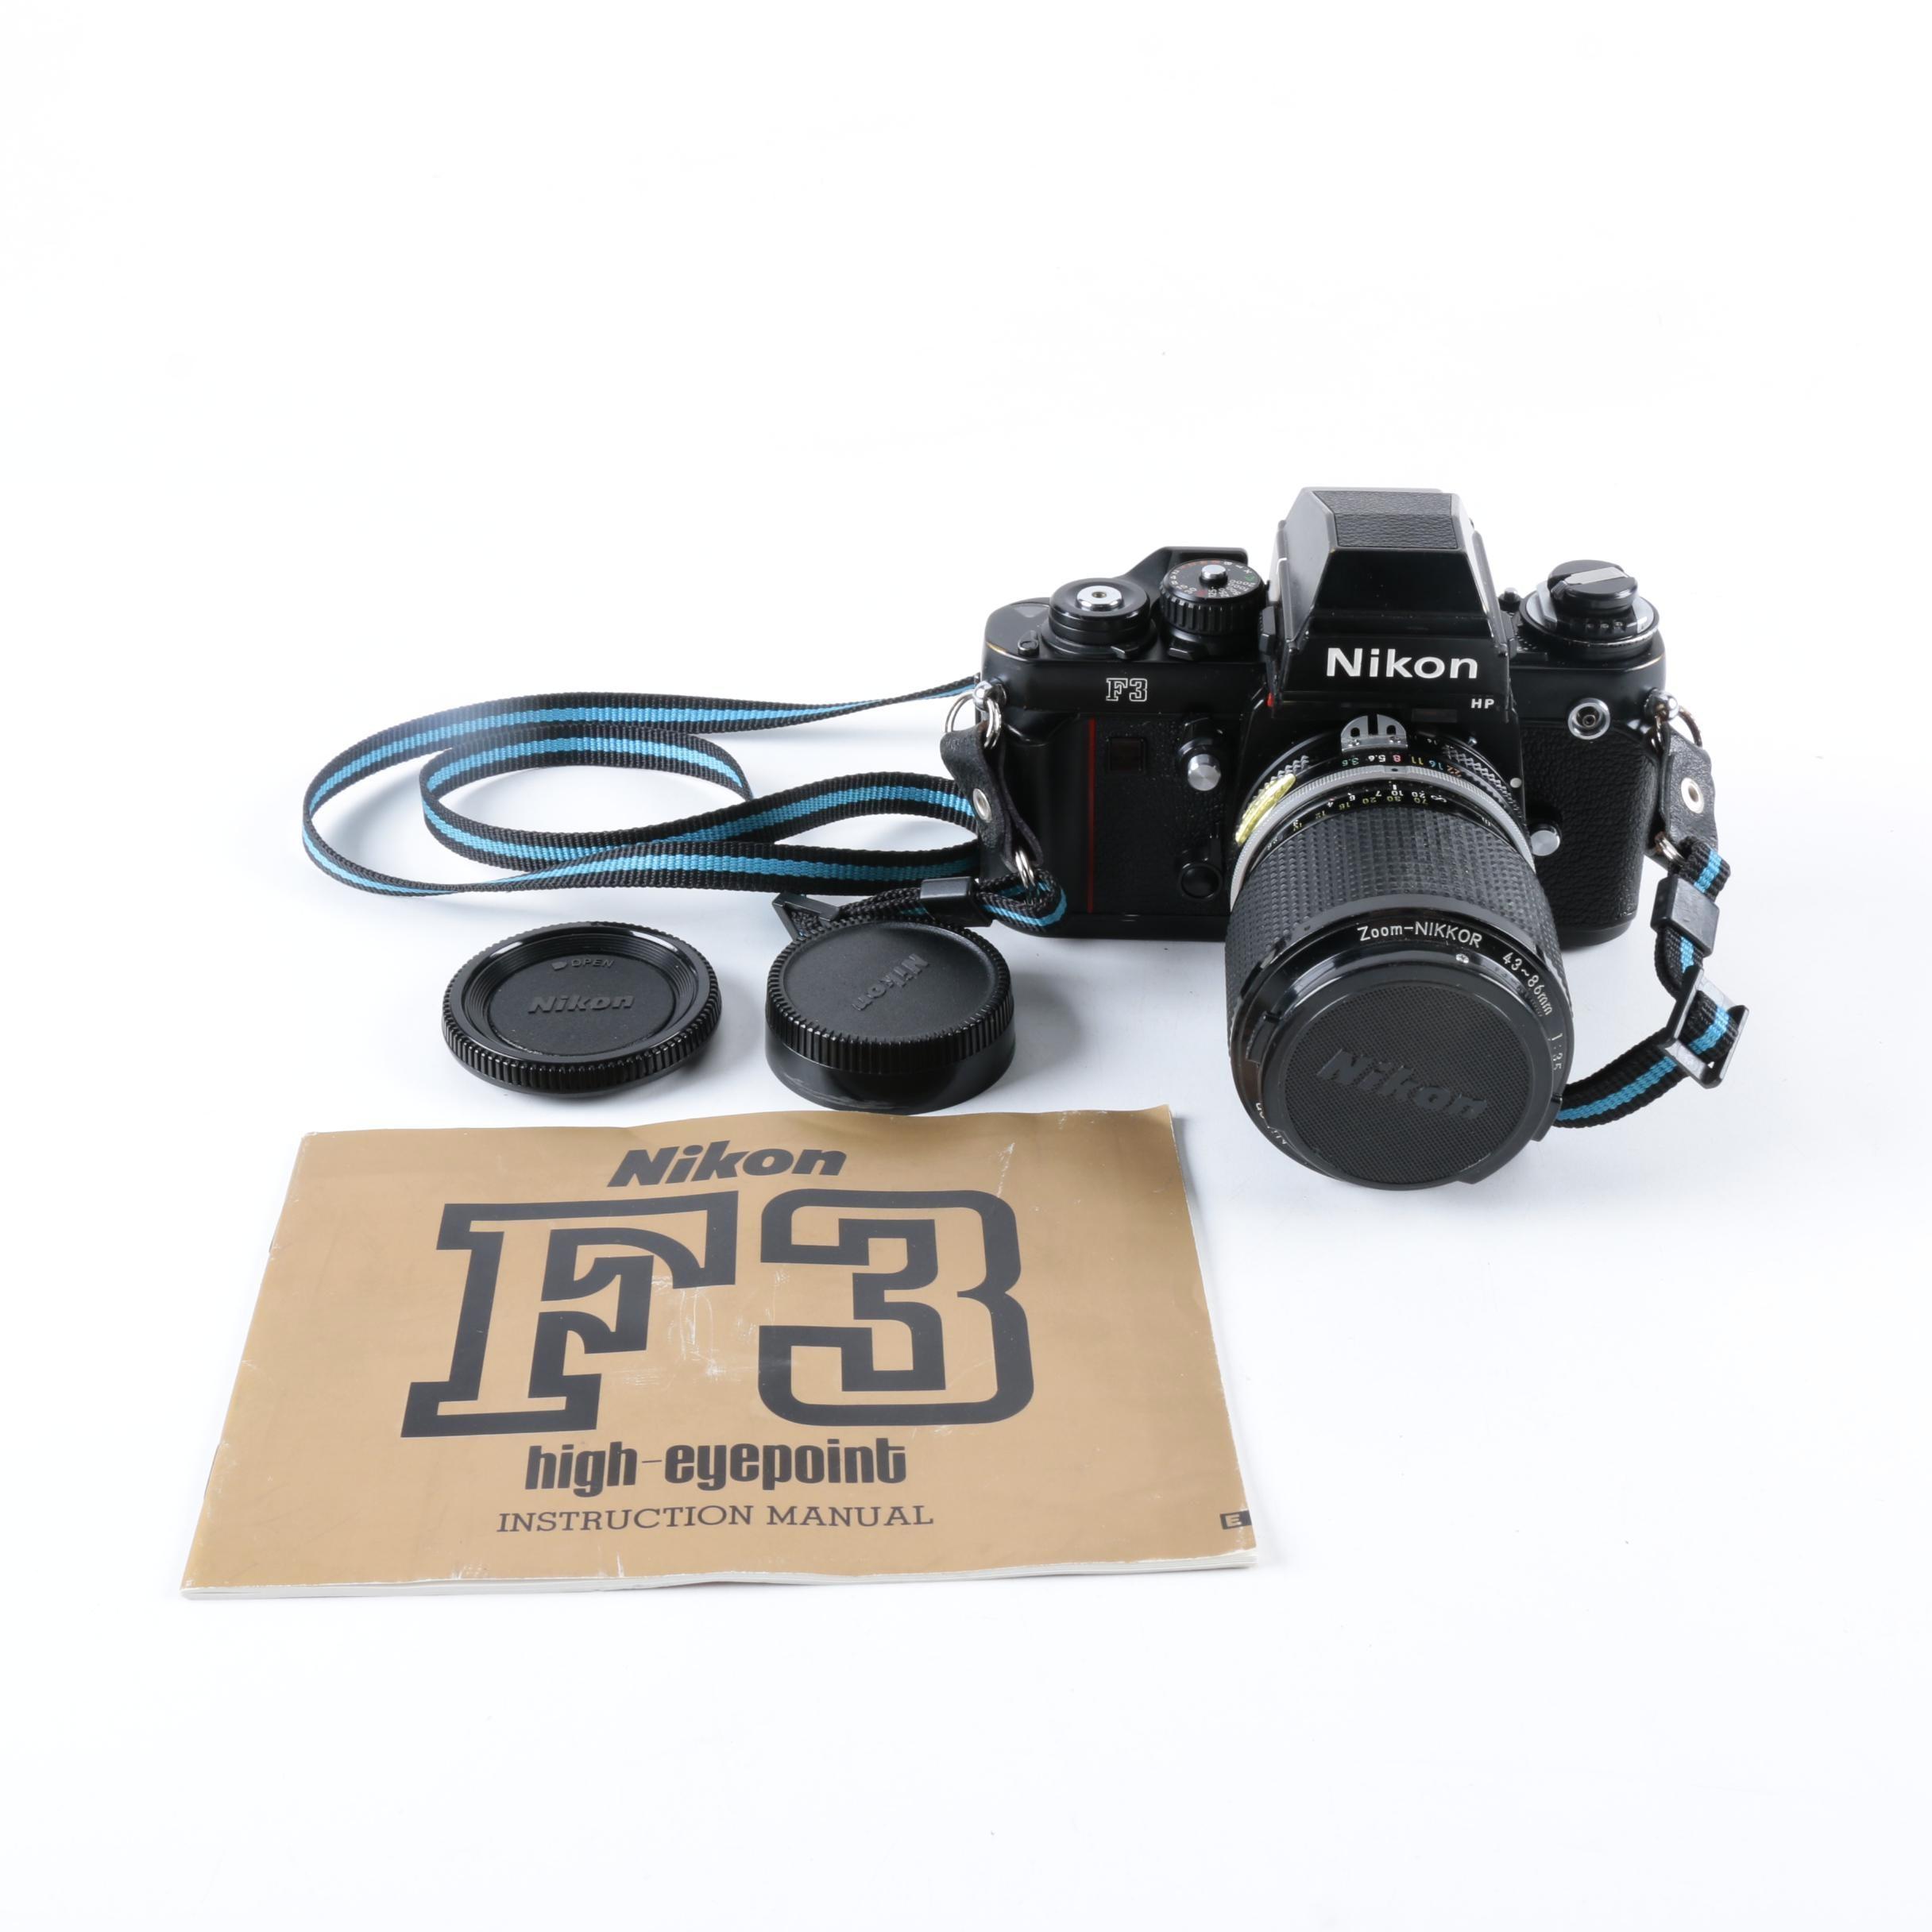 nikon f3 slr camera with lens ebth rh ebth com Nikon F3 Viewfinder Nikon F3 Viewfinder